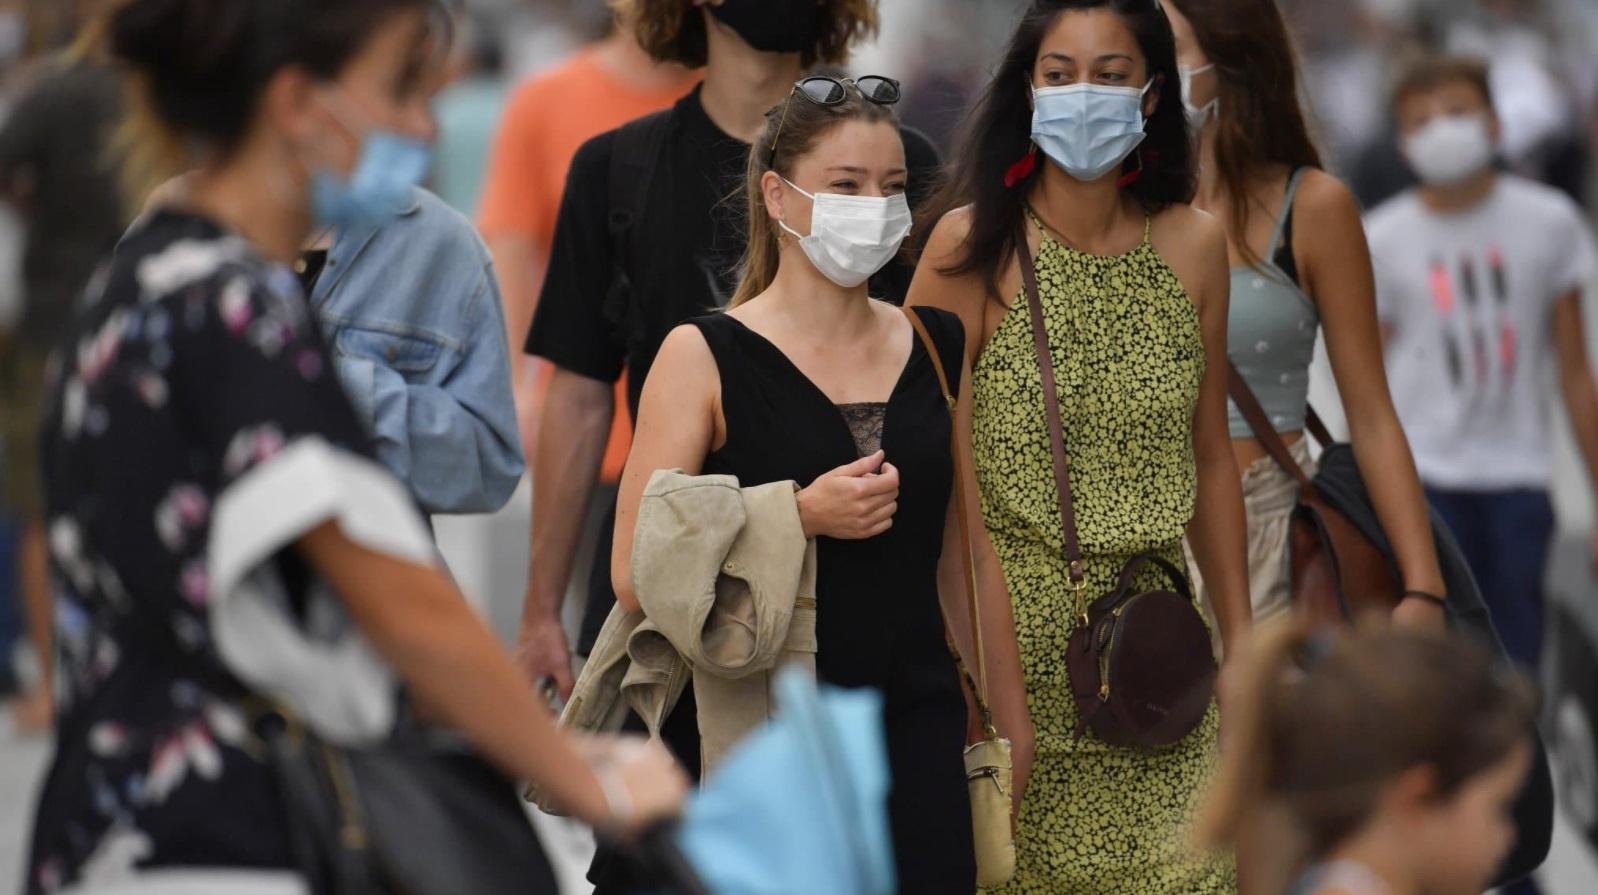 Difficultés à respirer avec le masque, quelle est la solution ?